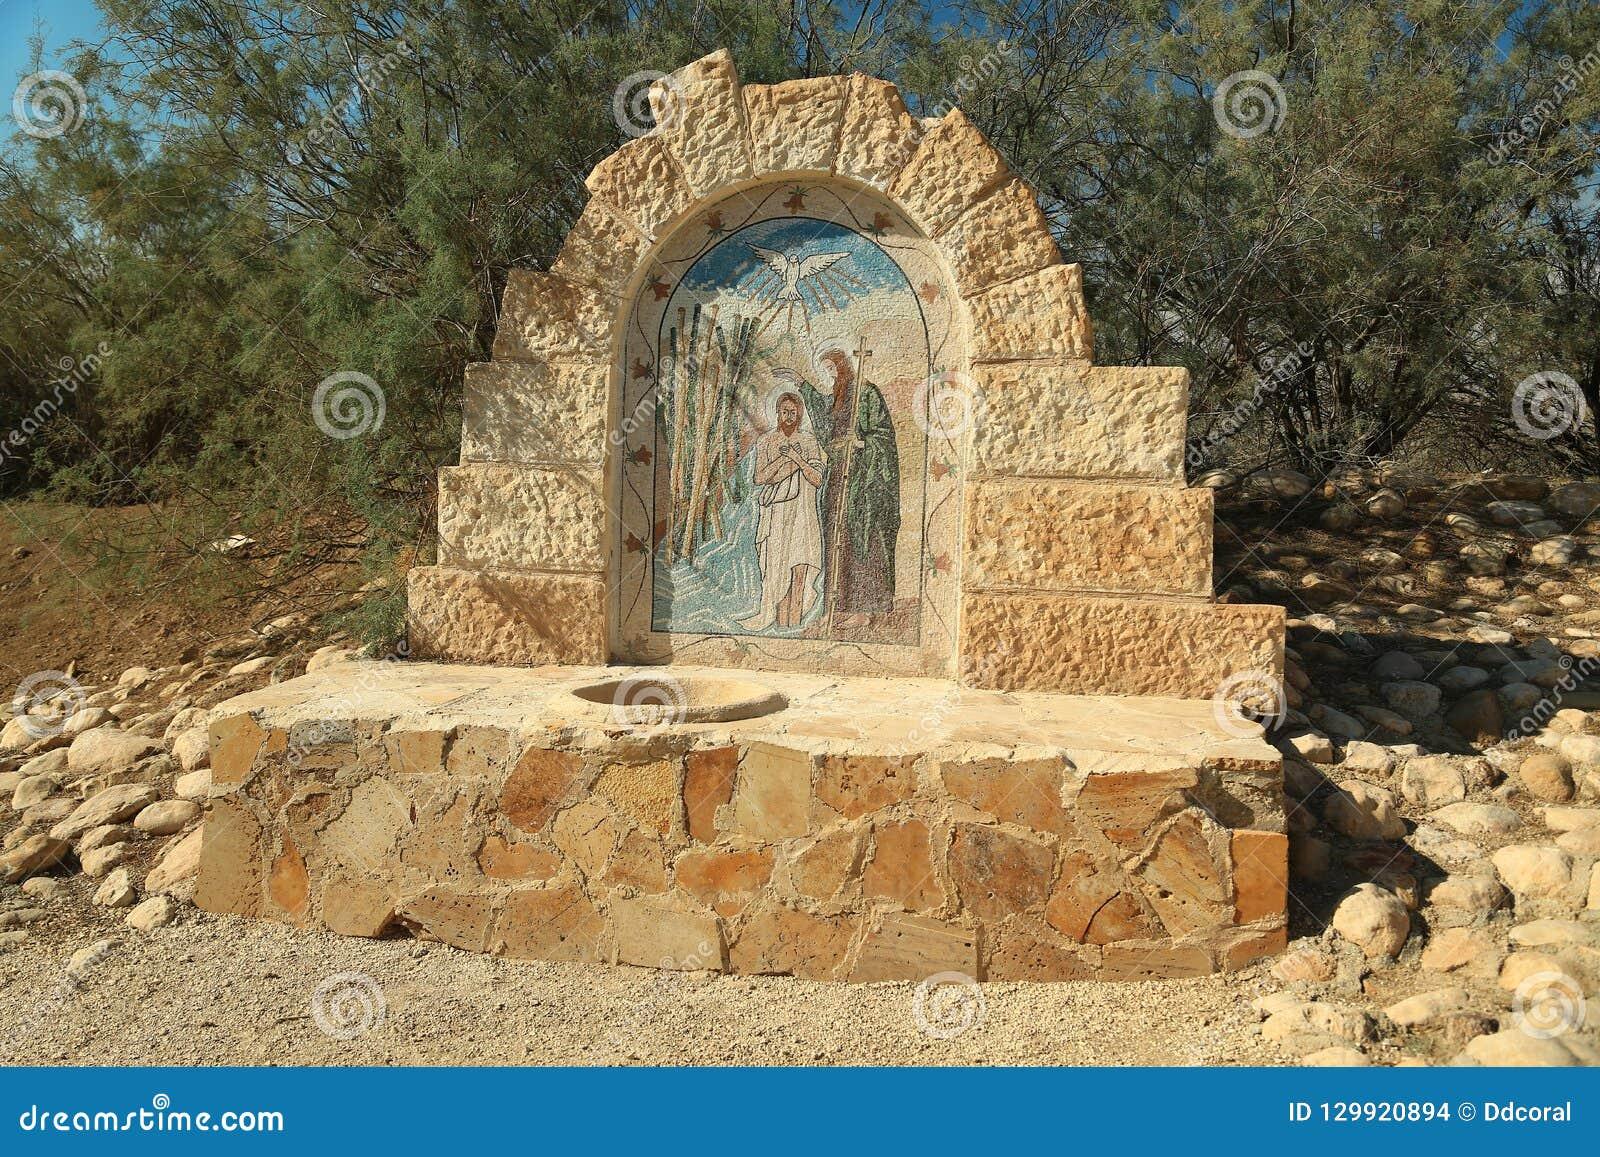 Monument im historischen Ort der Taufe von Jesus Christ in Jorda